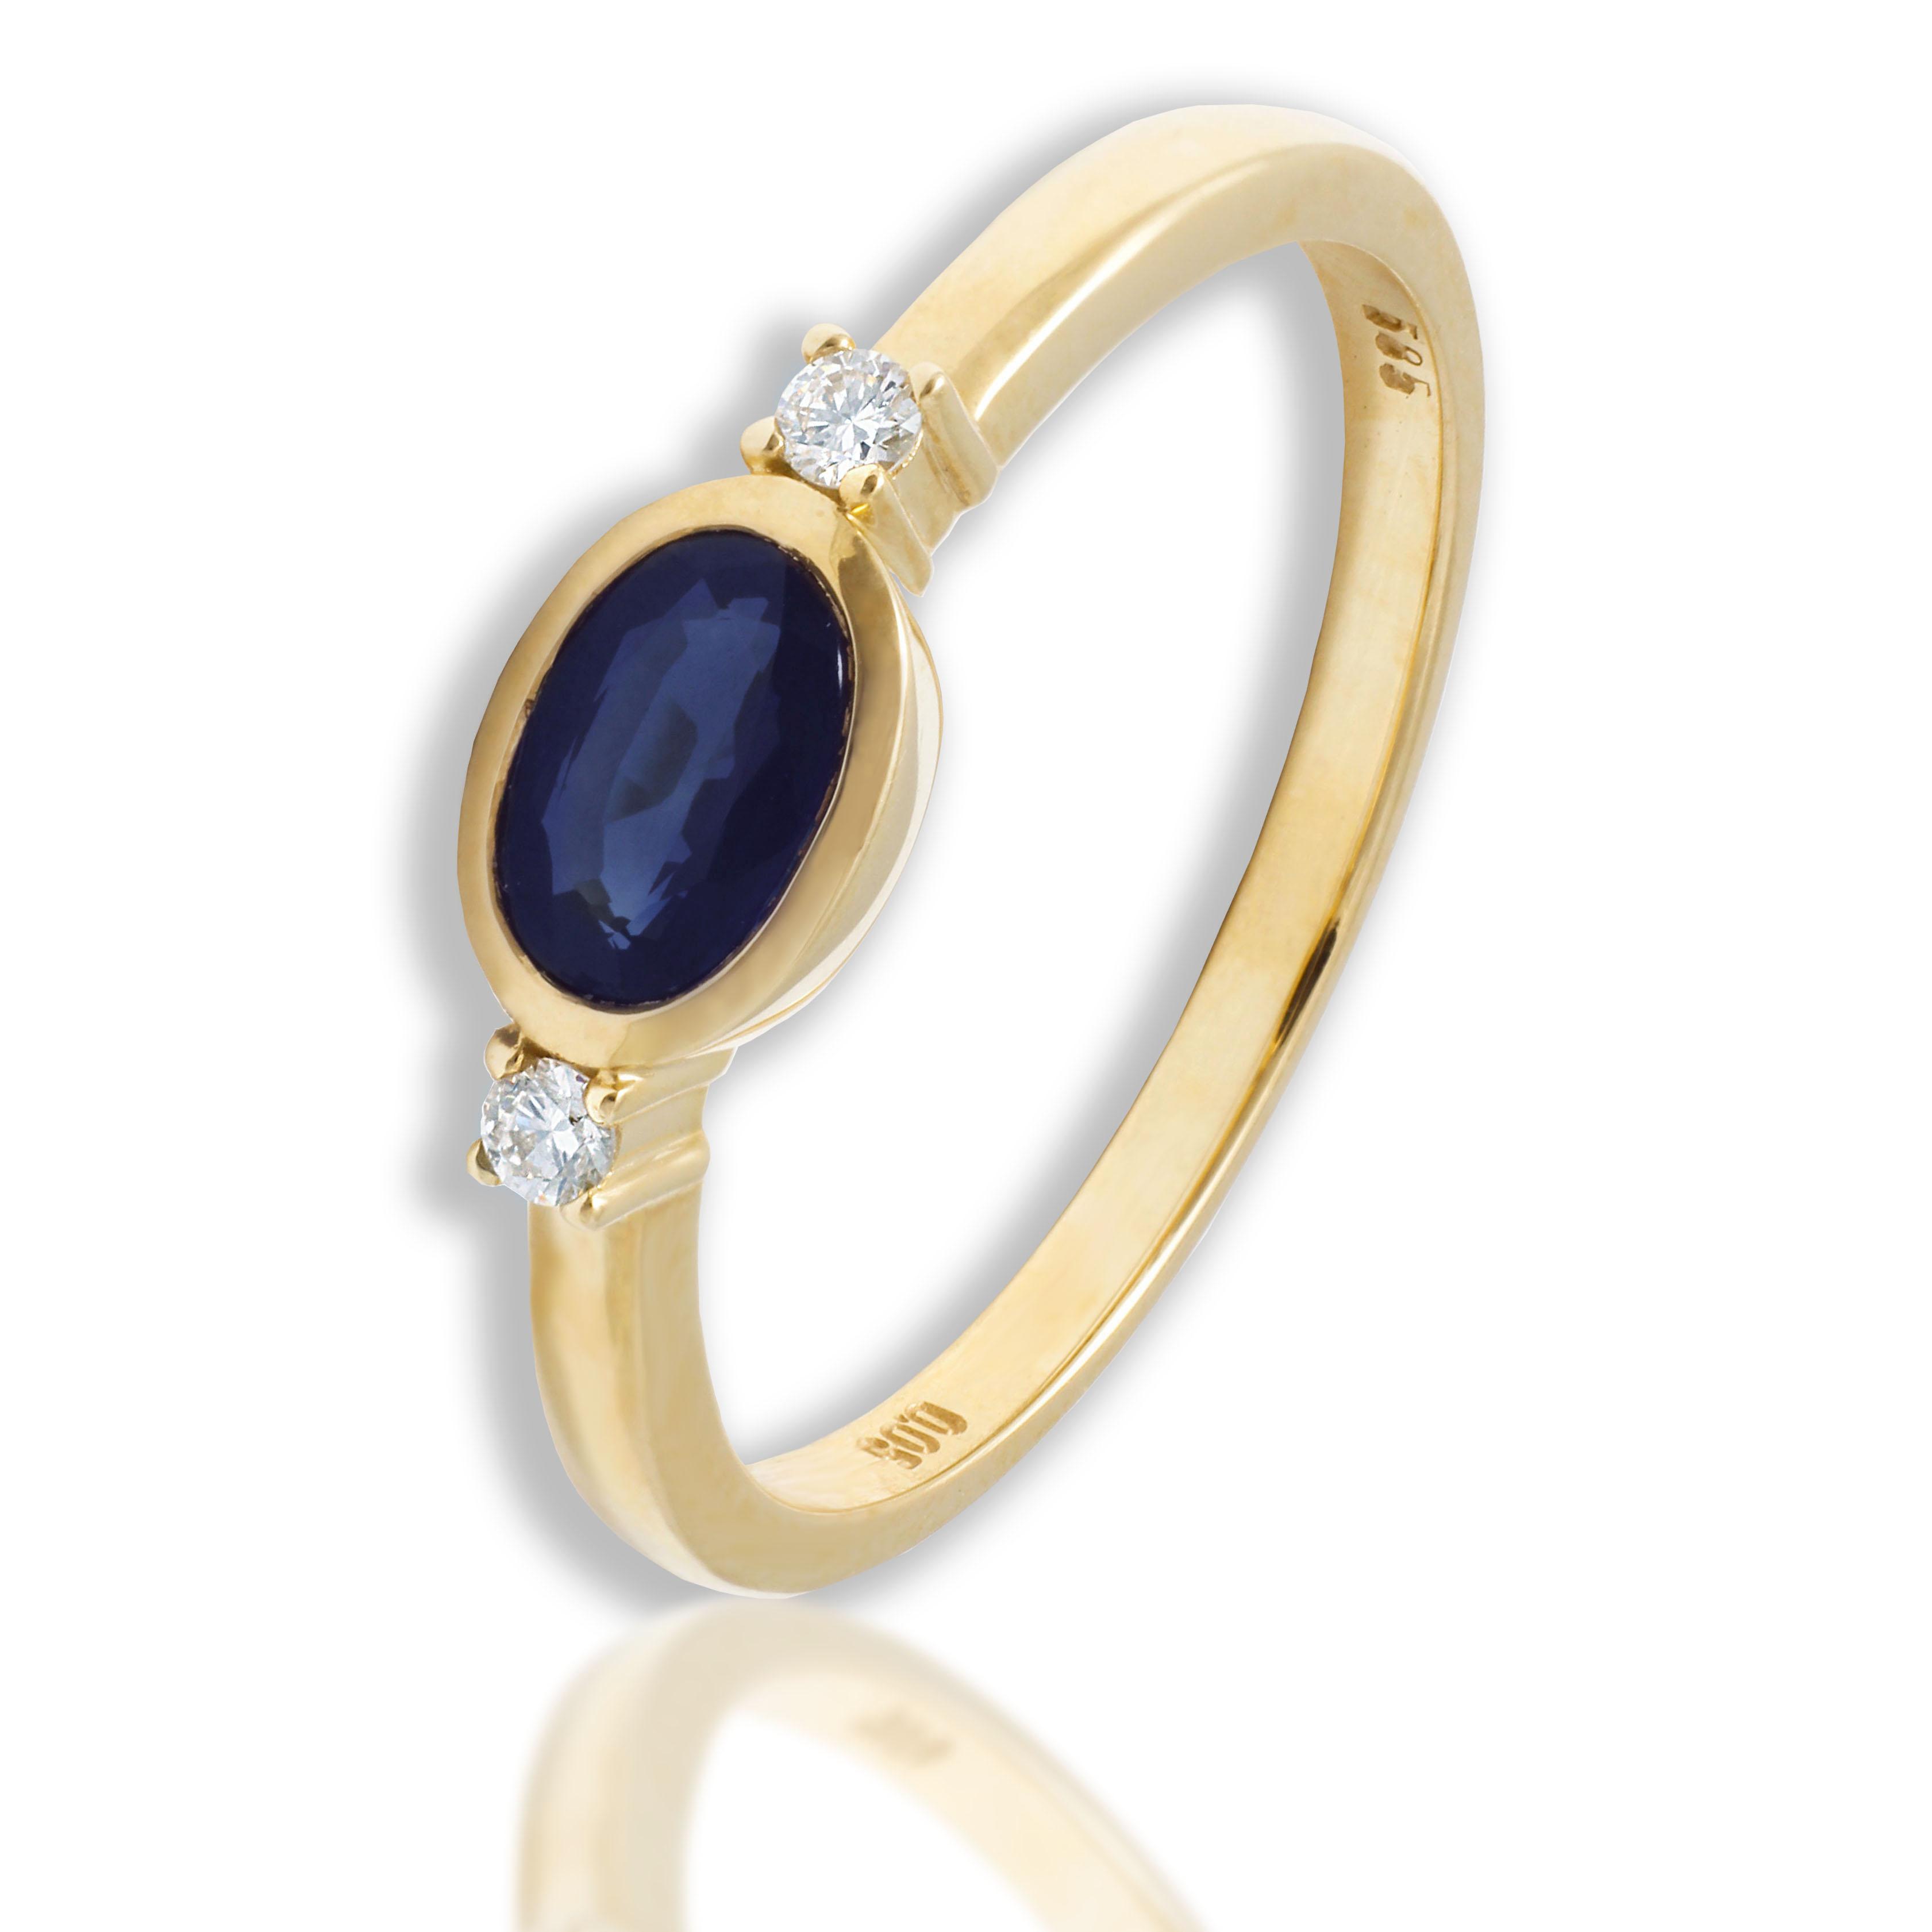 Złoty pierścionek z szafirem naturalnym i brylantami